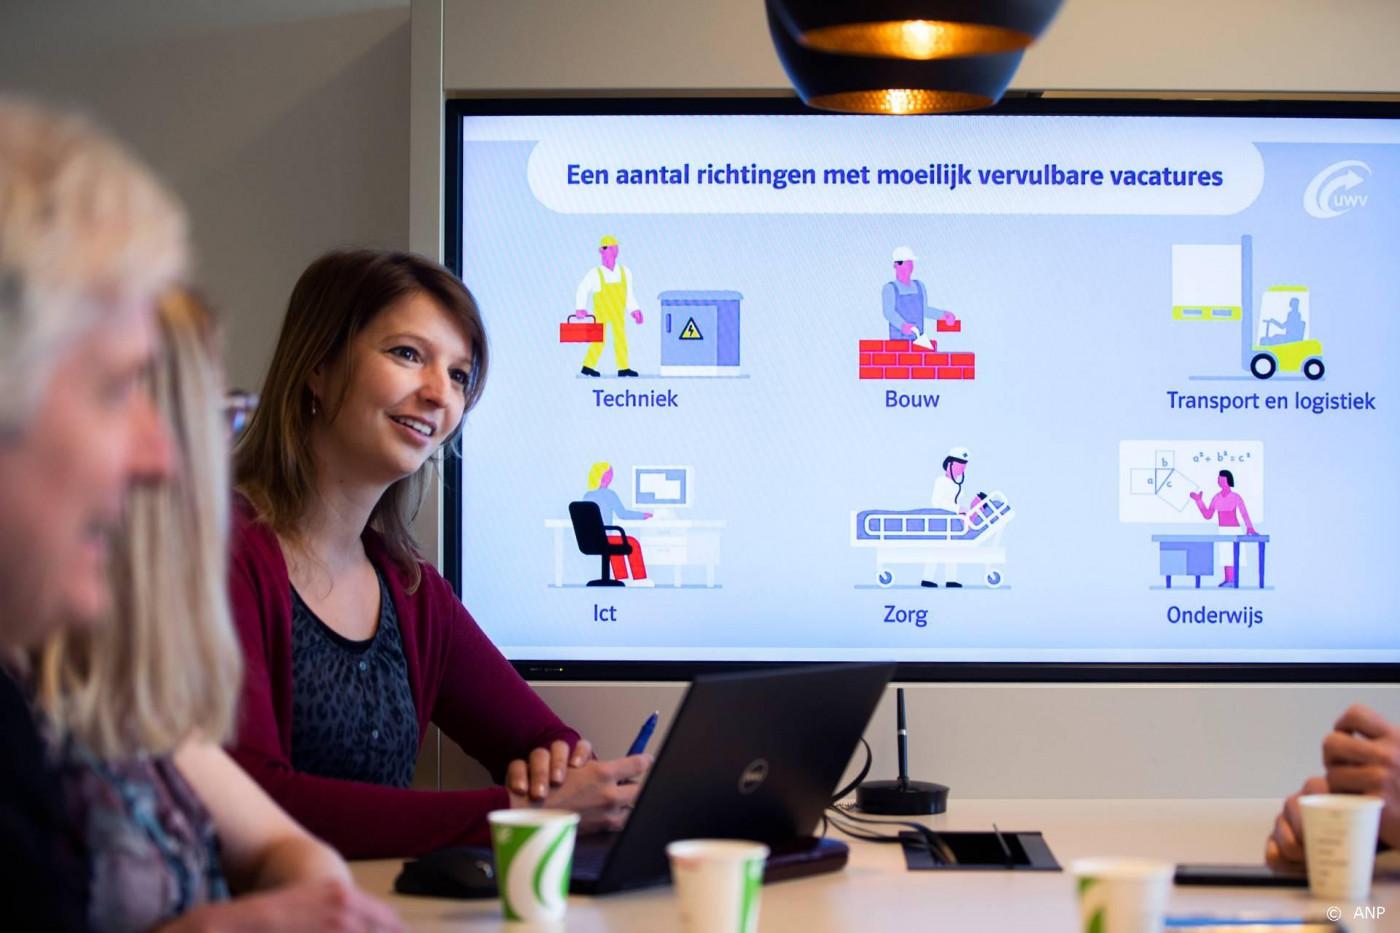 'Voor gezonde arbeidsmarkt moet Nederland rap digitaliseren'